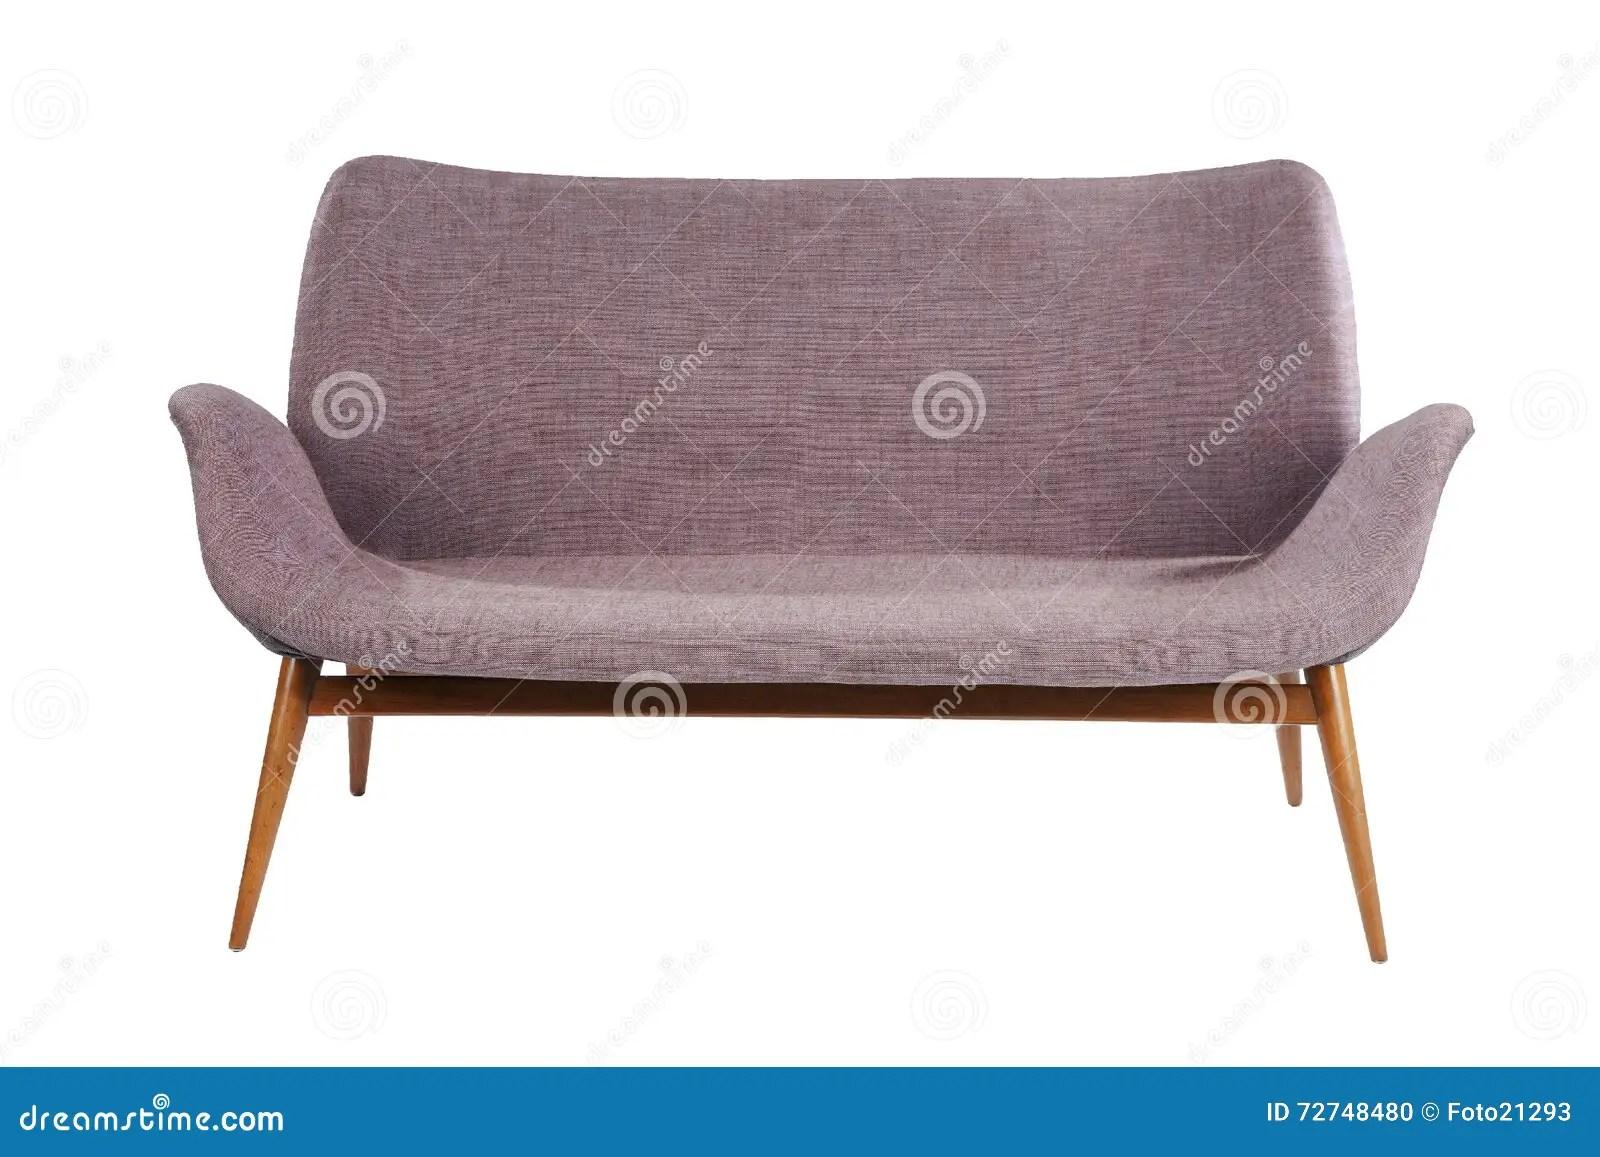 Retro Style Sofa Sixties Antique Stock Photo Image 72748480